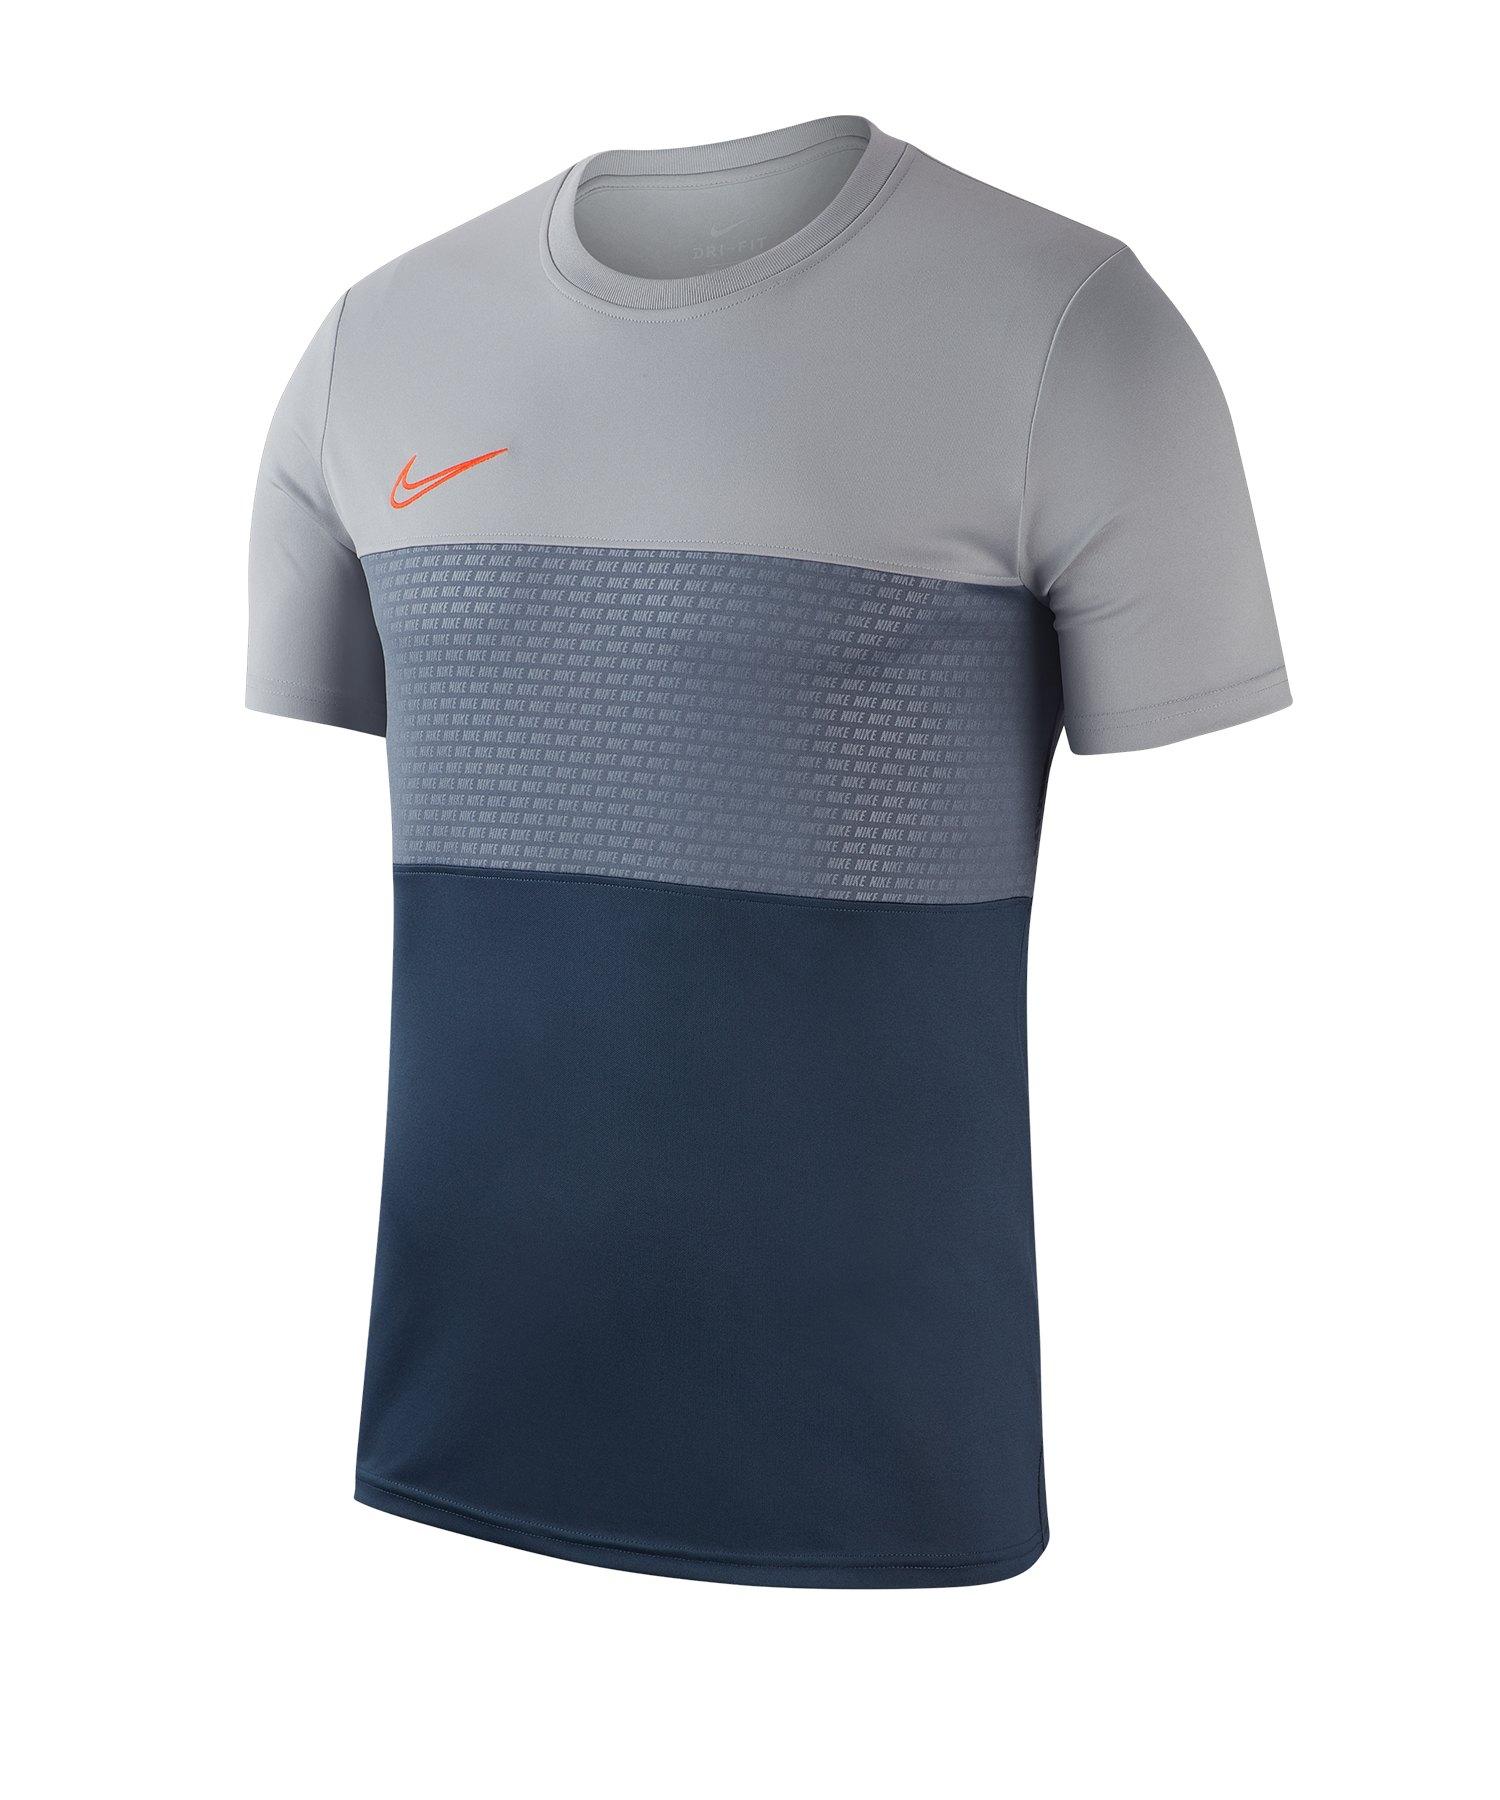 Nike Dri-FIT Academy T-Shirt Grau F012 - Grau